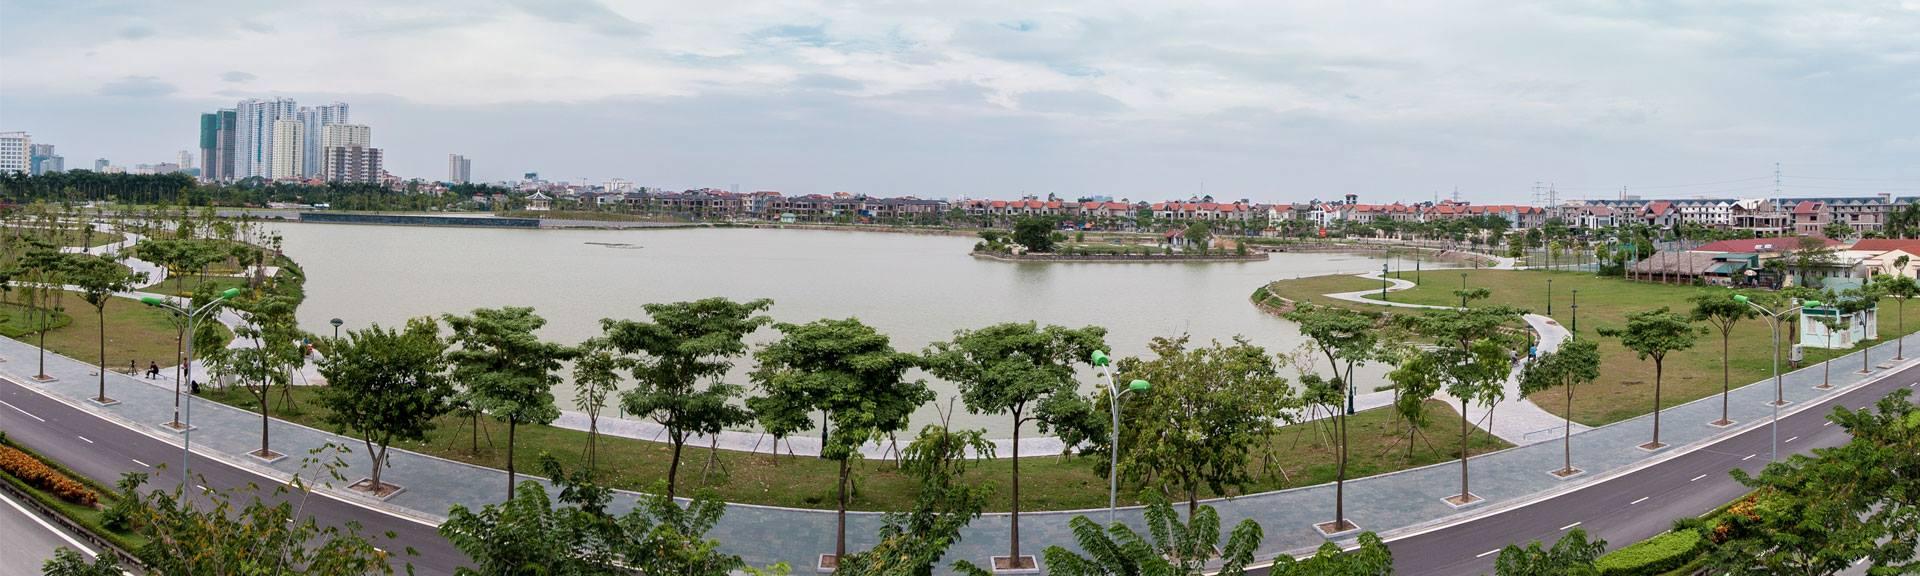 Bờ hồ an bình city Thành phố giao lưu